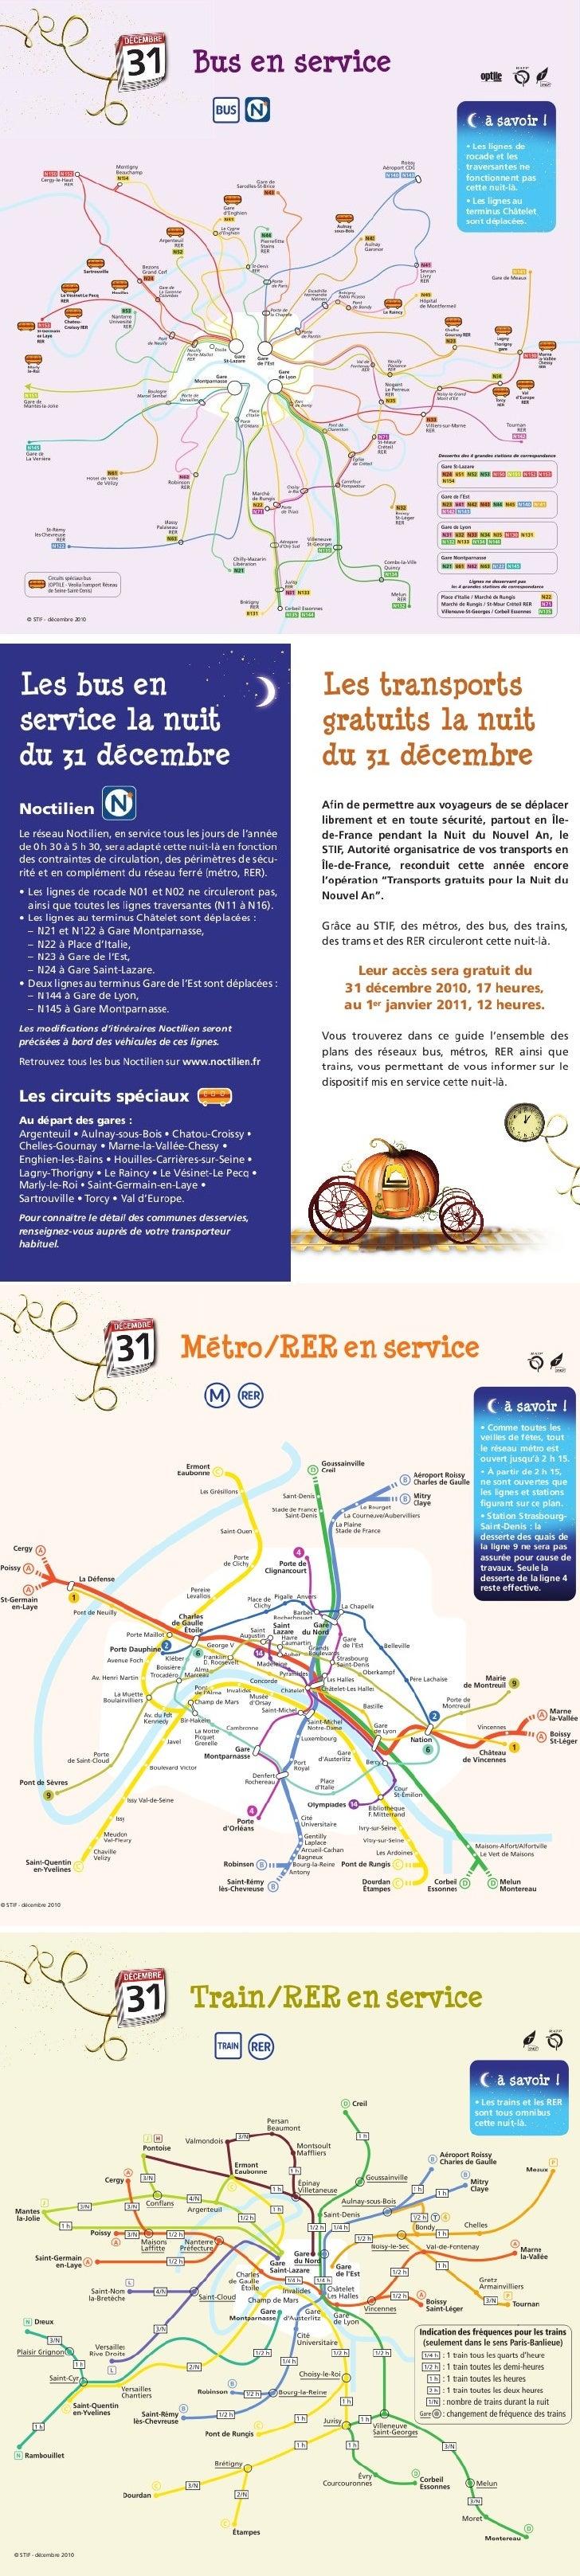 Plans transports gratuits 31 decembre 2010 au 1er janvier 2011